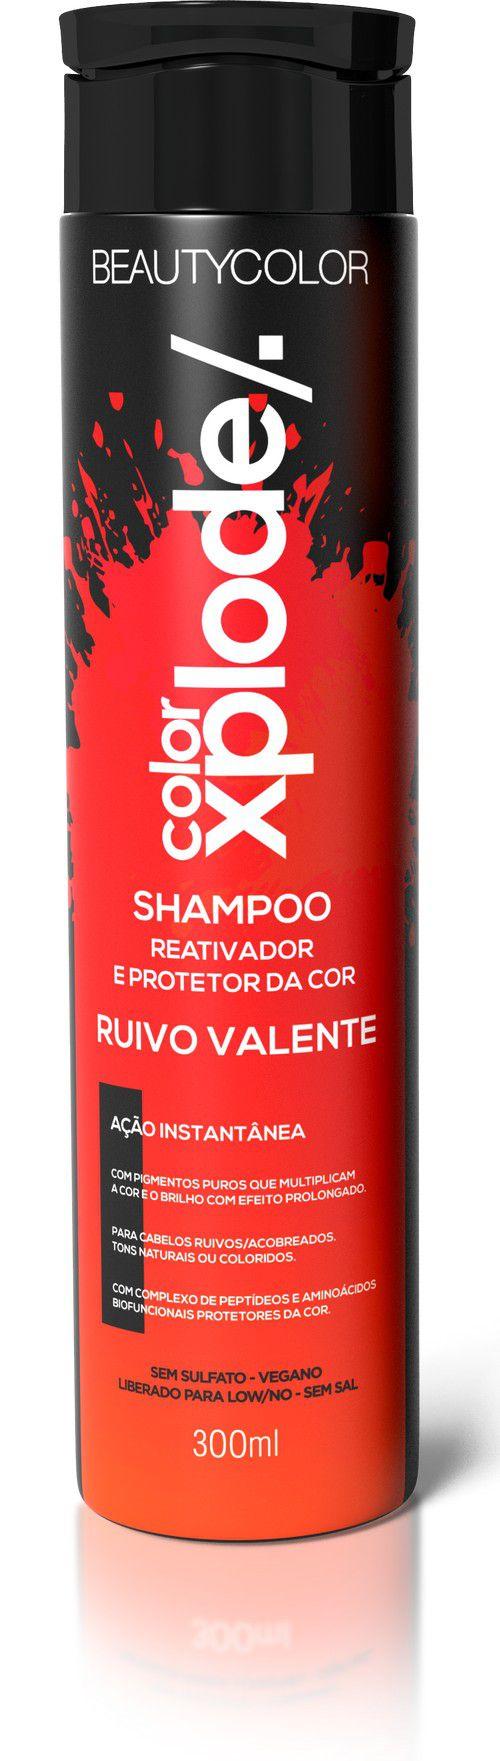 Beauty Color Shampoo Ruivo Valente Reativador e Protetor da Cor - 300ml